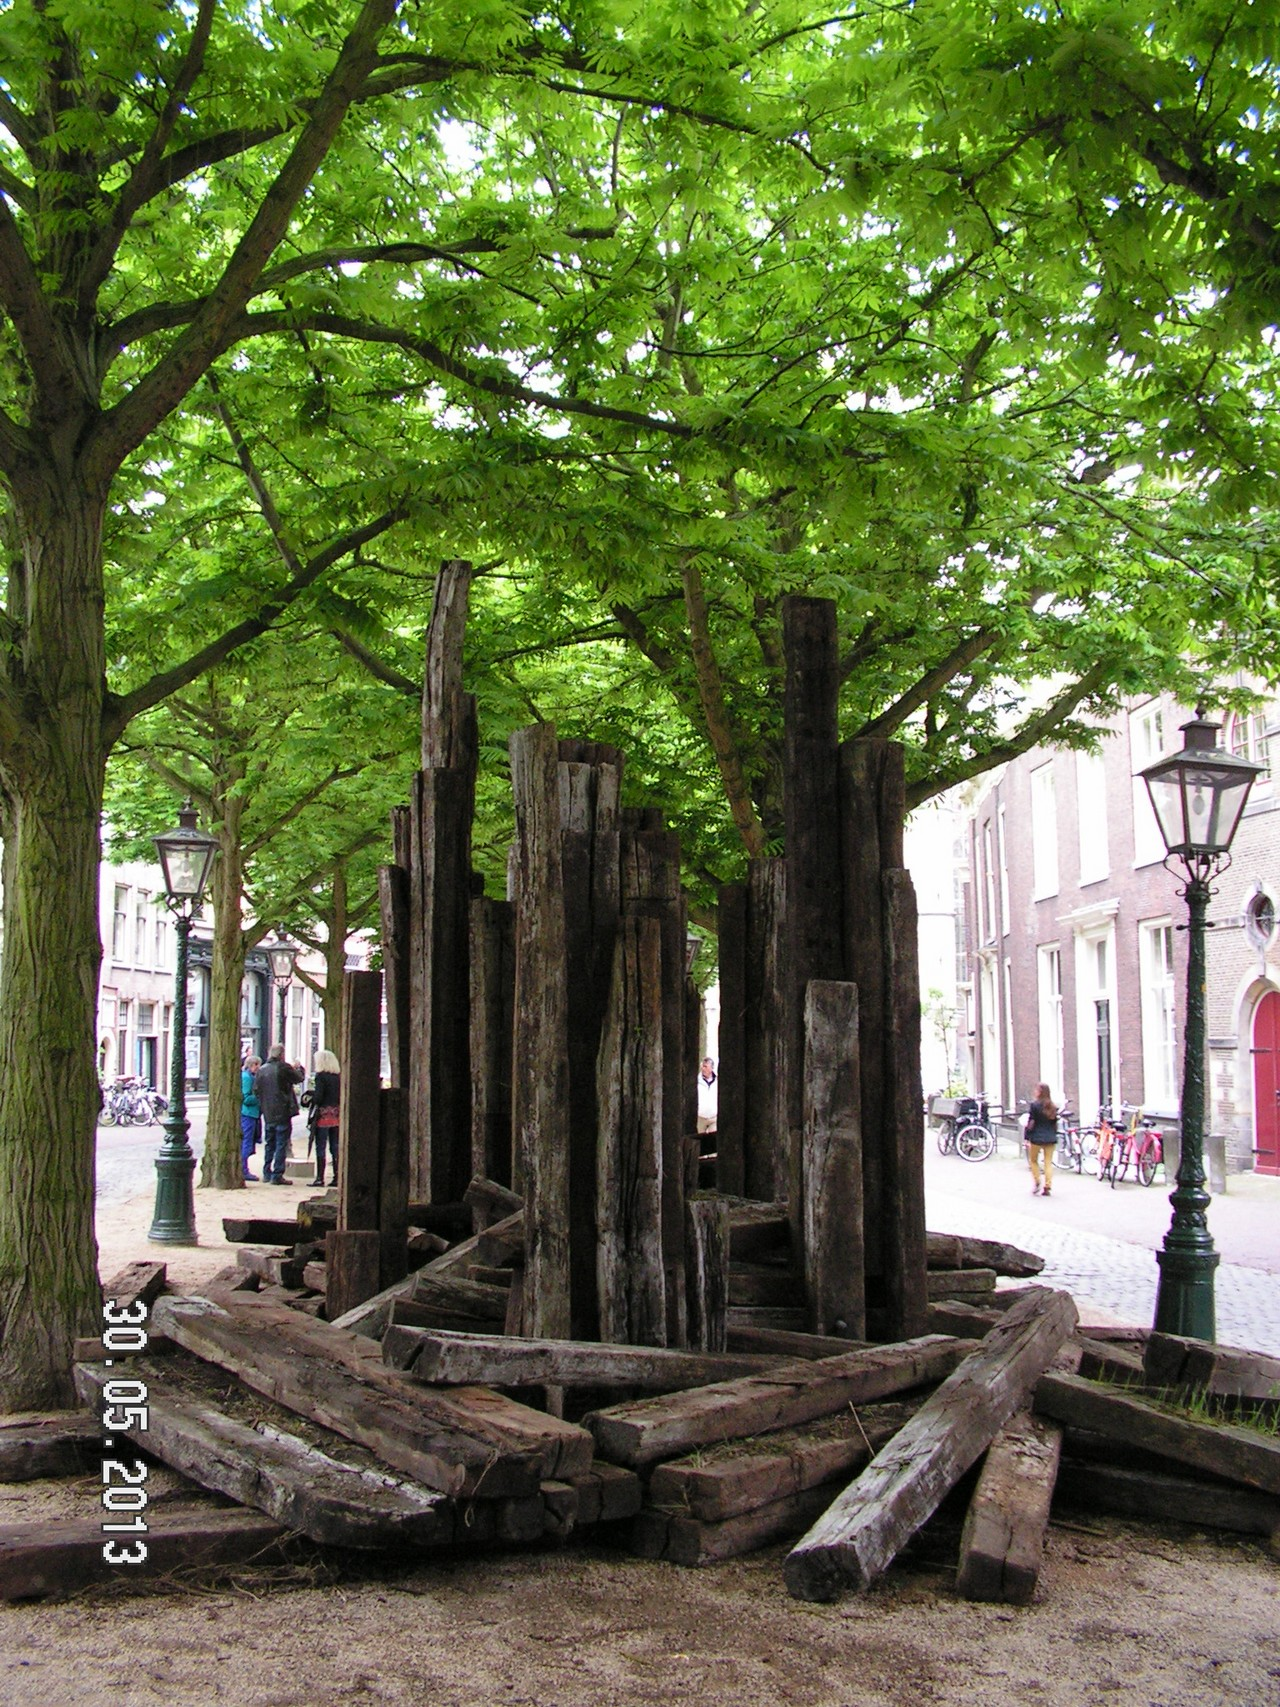 30-05-2013 Leiden - BIL - Beelden in Leiden 016(17)